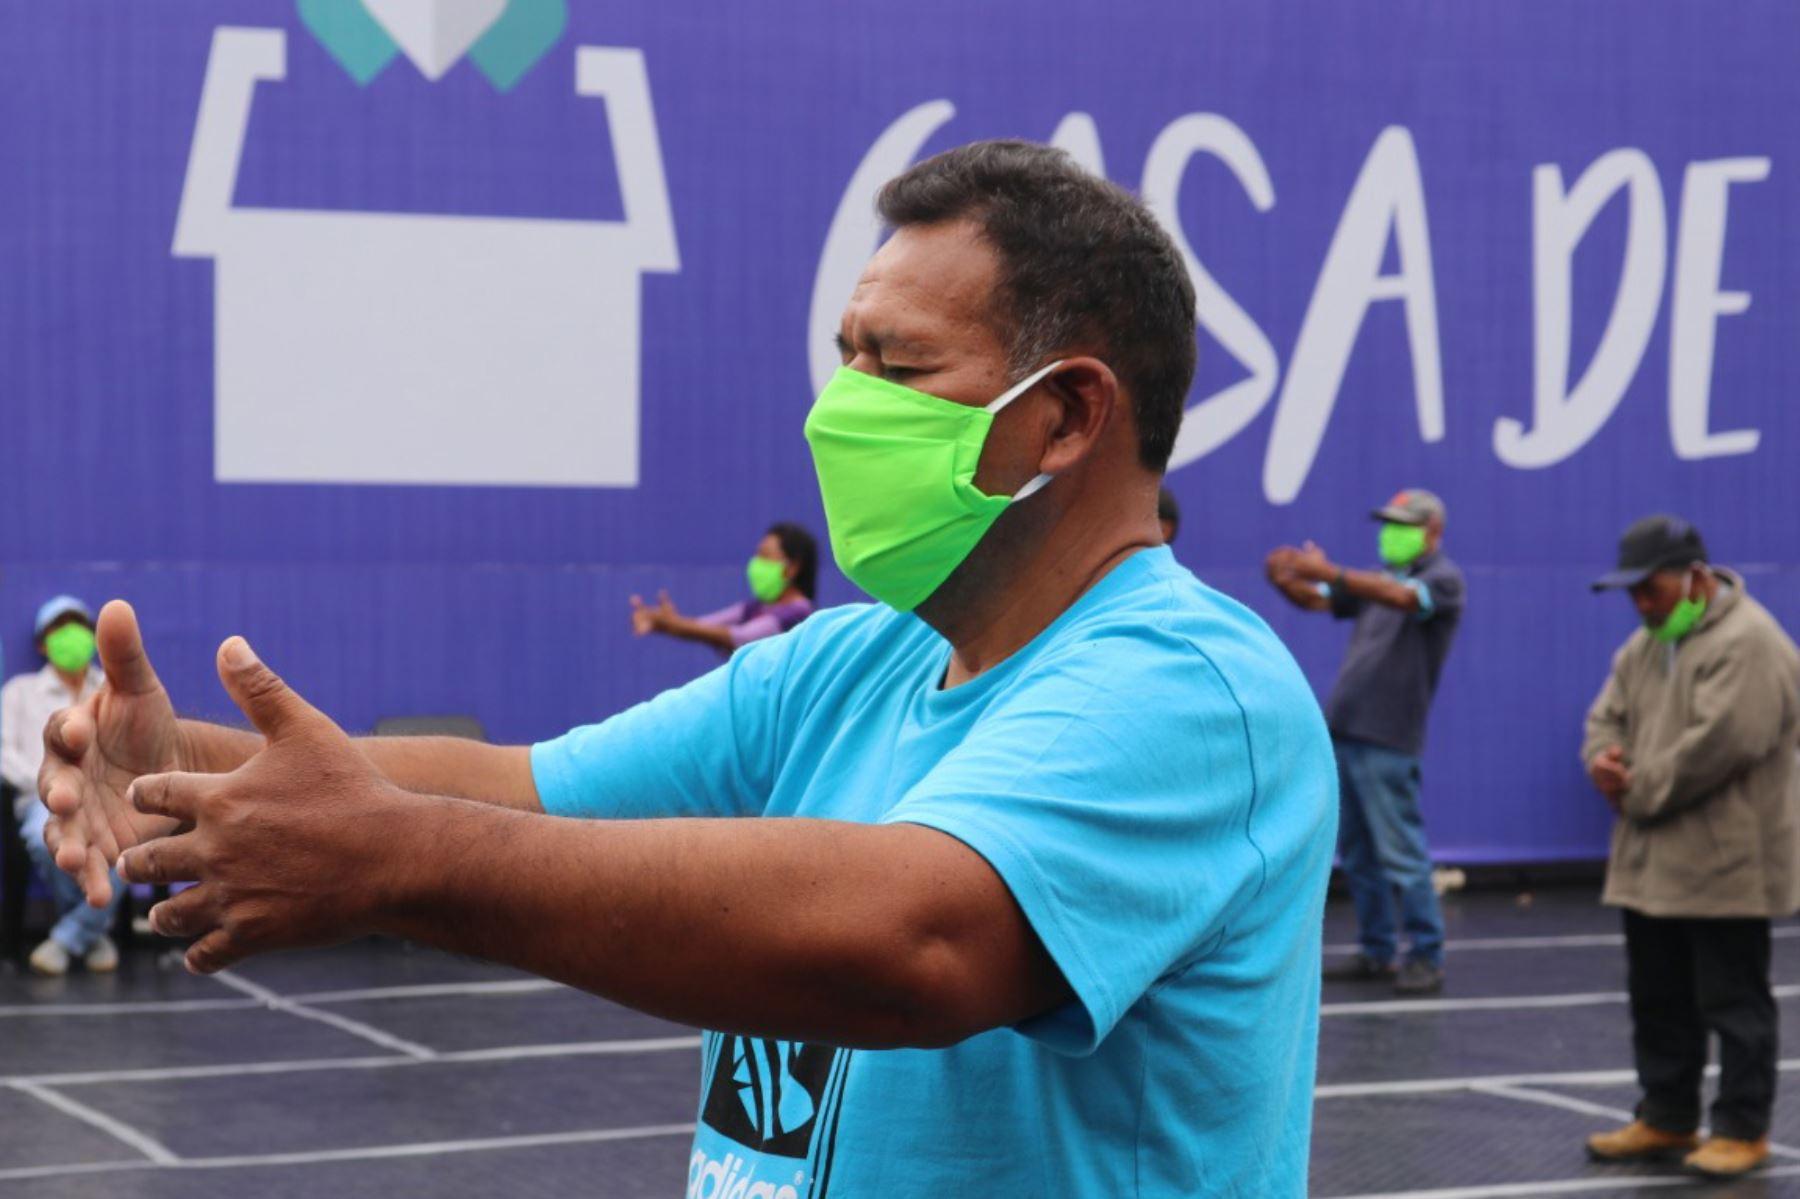 Personas que habitan en la Casa de Todos, realizan ejercicios de Tai chi para mejorar su salud física. Foto: ANDINA/Difusión